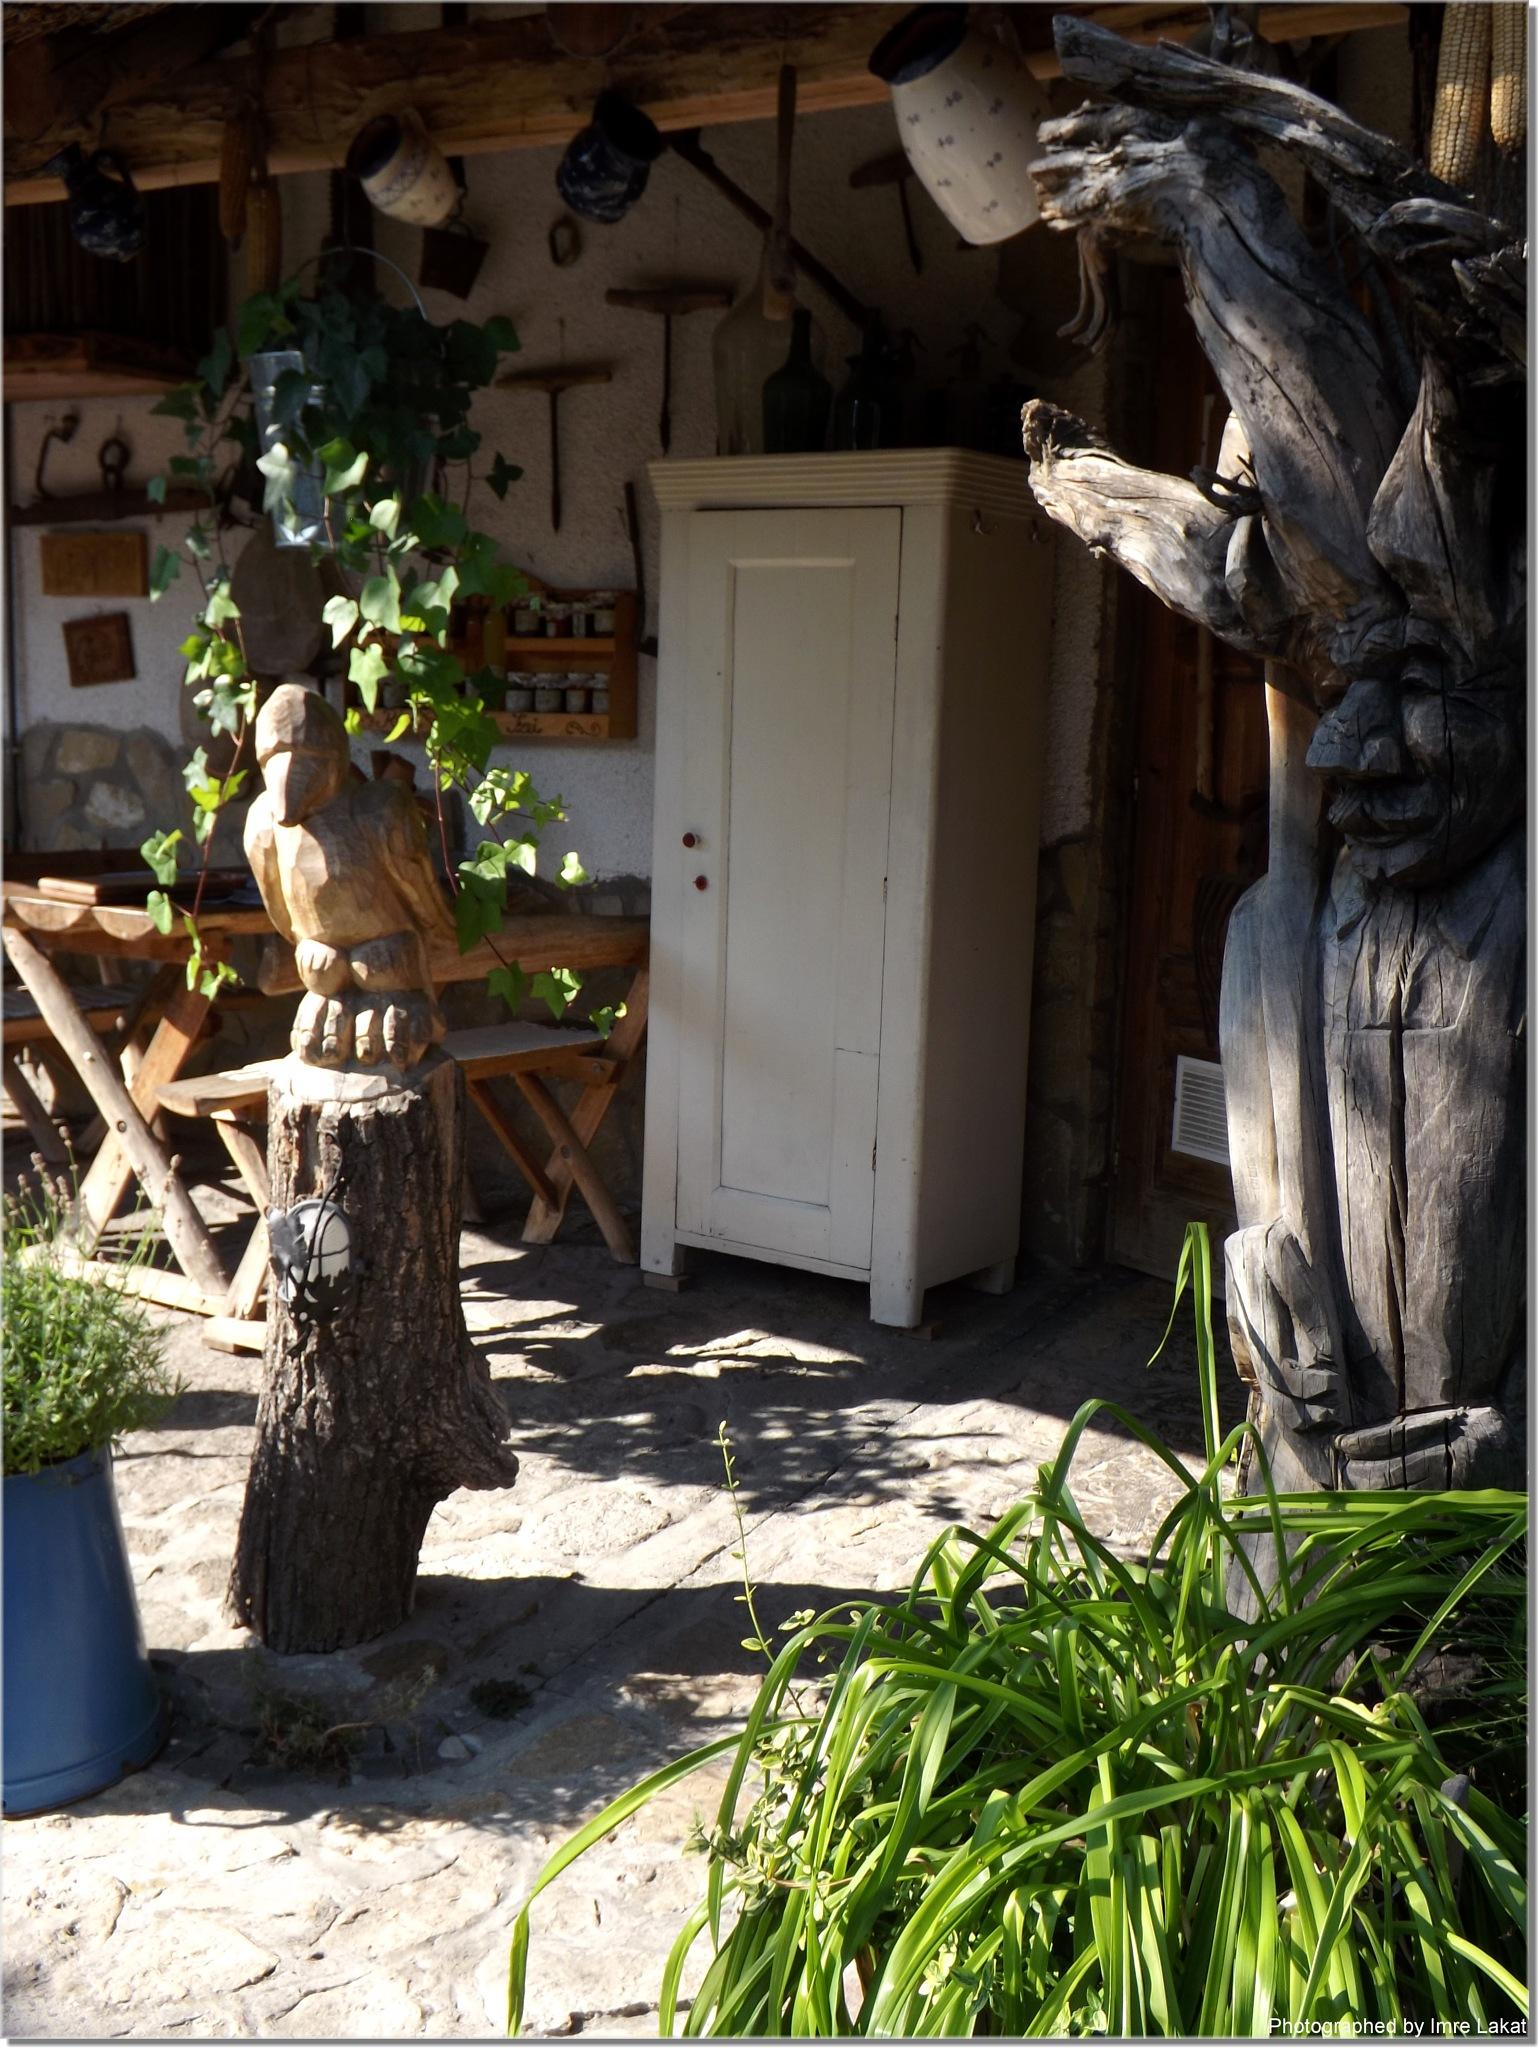 Carved wooden sculpture   .  Tihany, Régi Idők Udvara Skanzen és Étterem, Batthyány utca, Hungary by Imre Lakat